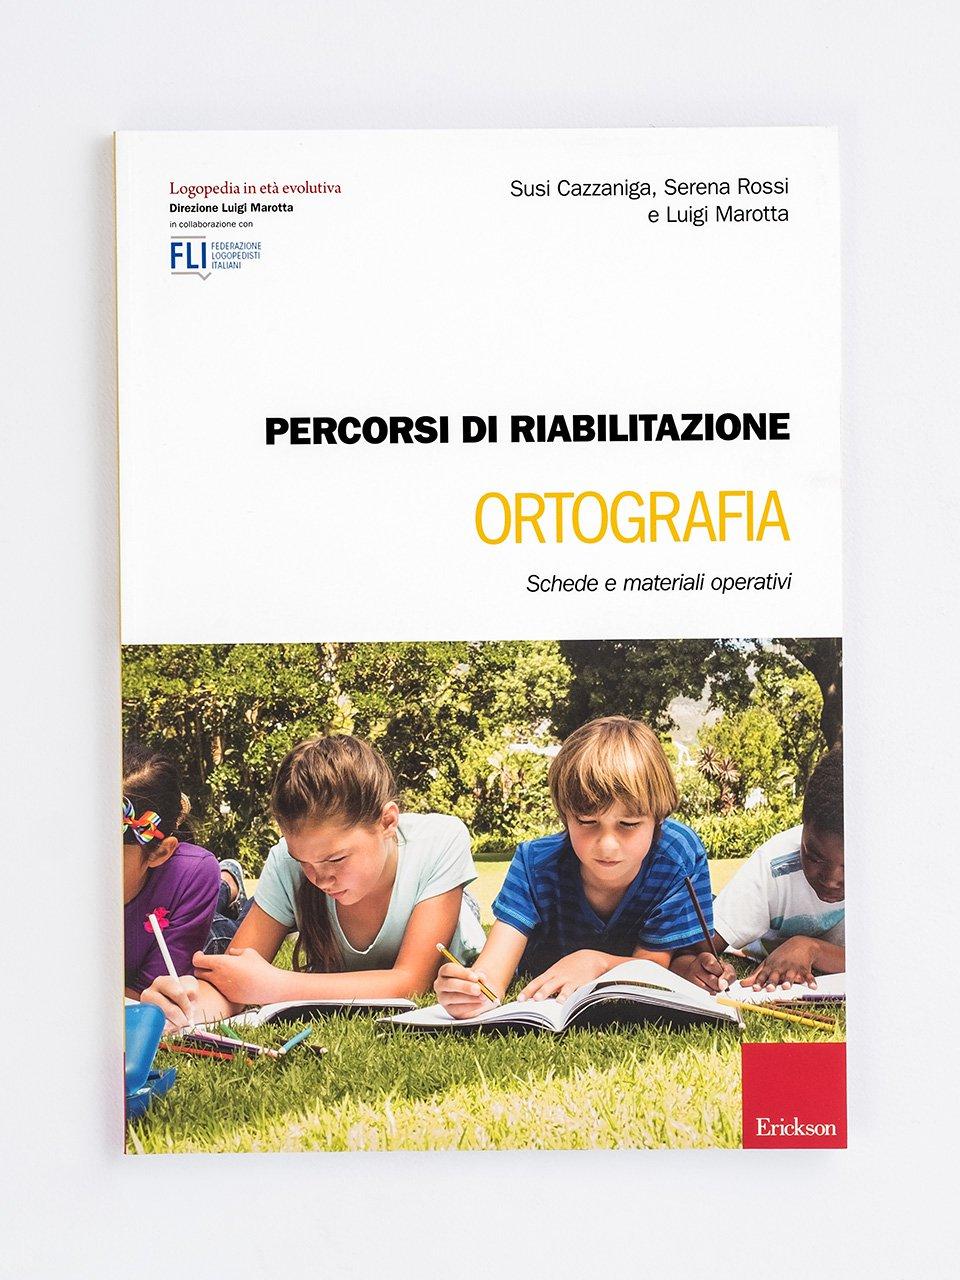 Percorsi di riabilitazione – Ortografia - I mini gialli dell'ortografia 3 - Libri - Erickson